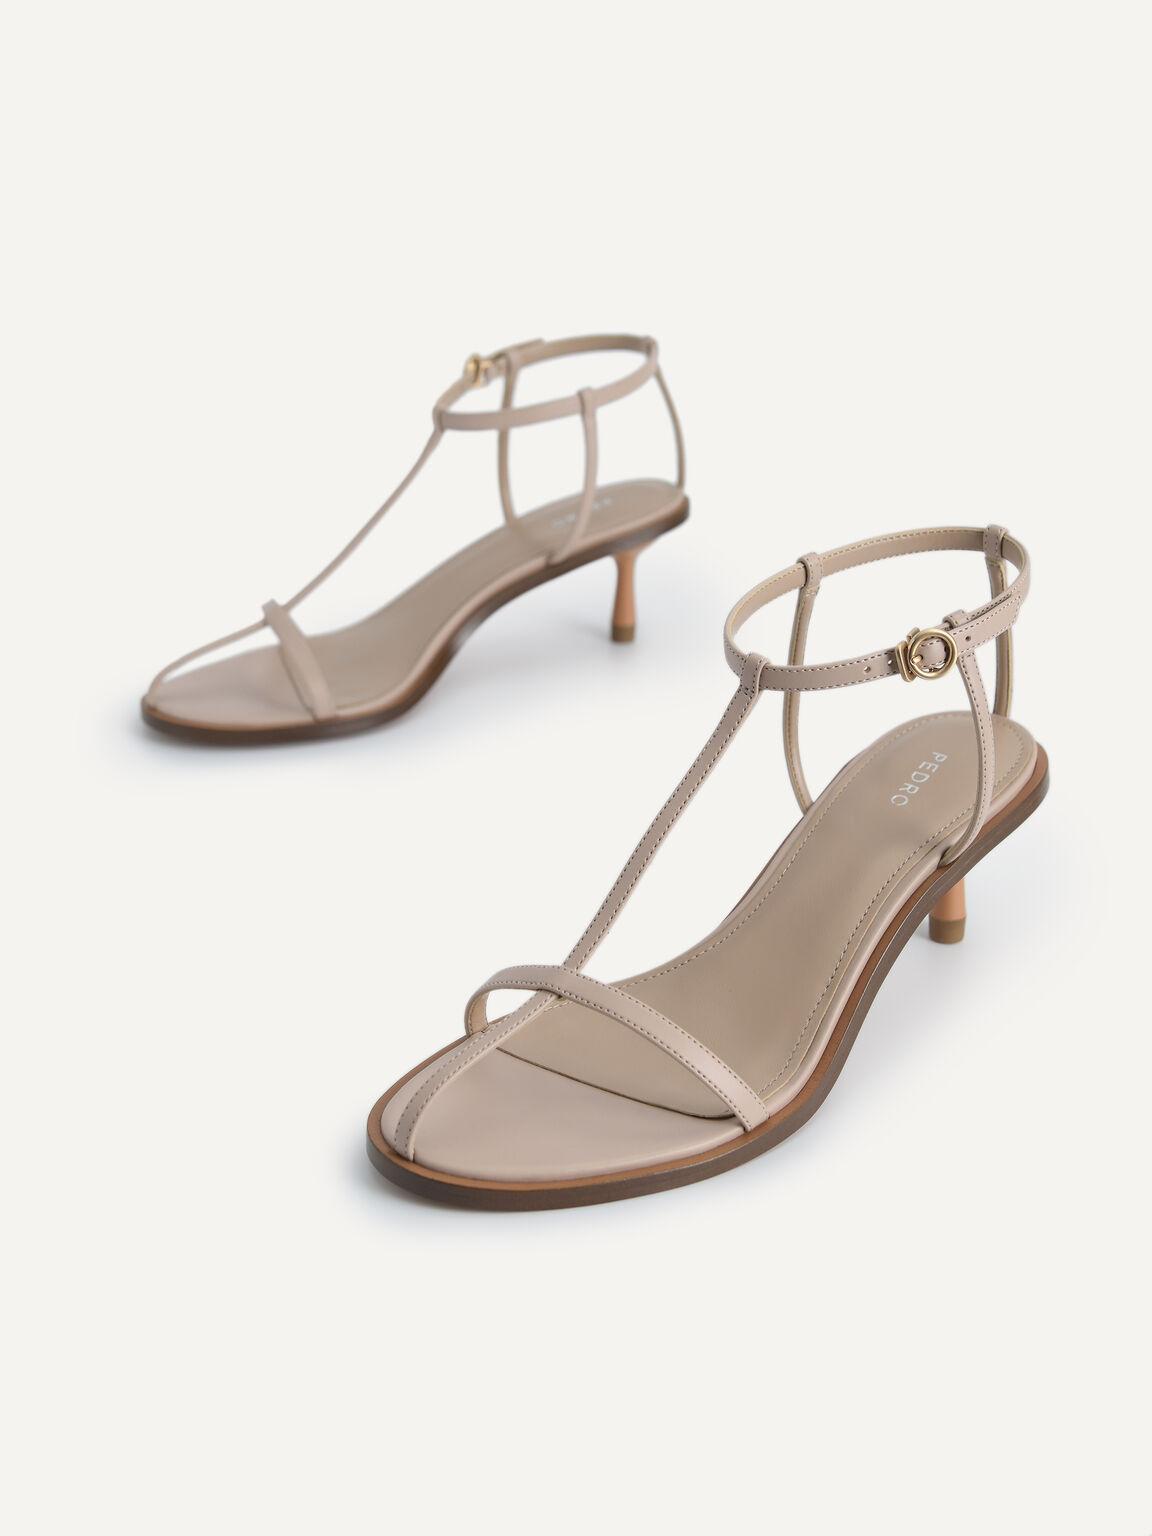 腳踝綁帶高跟涼鞋, 裸色, hi-res